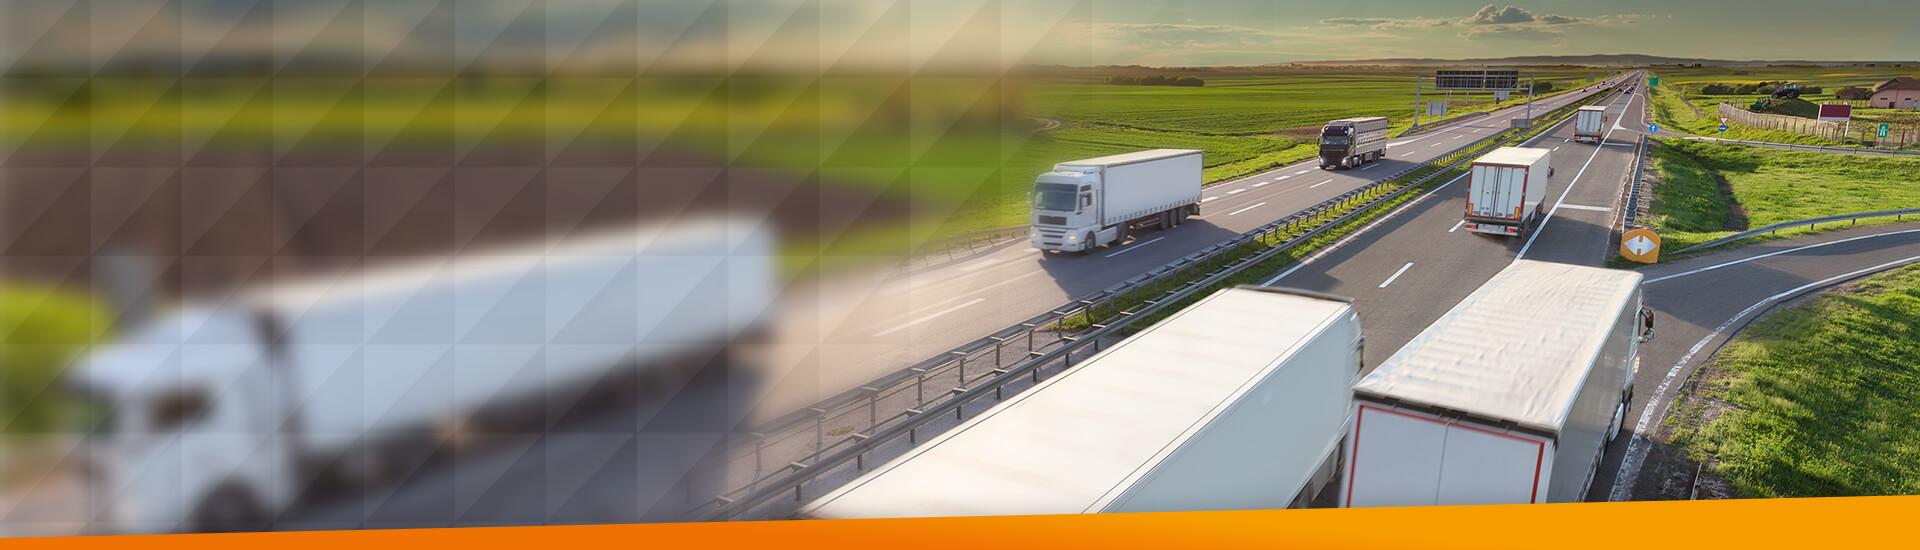 ELO ECM for transportation and logistics